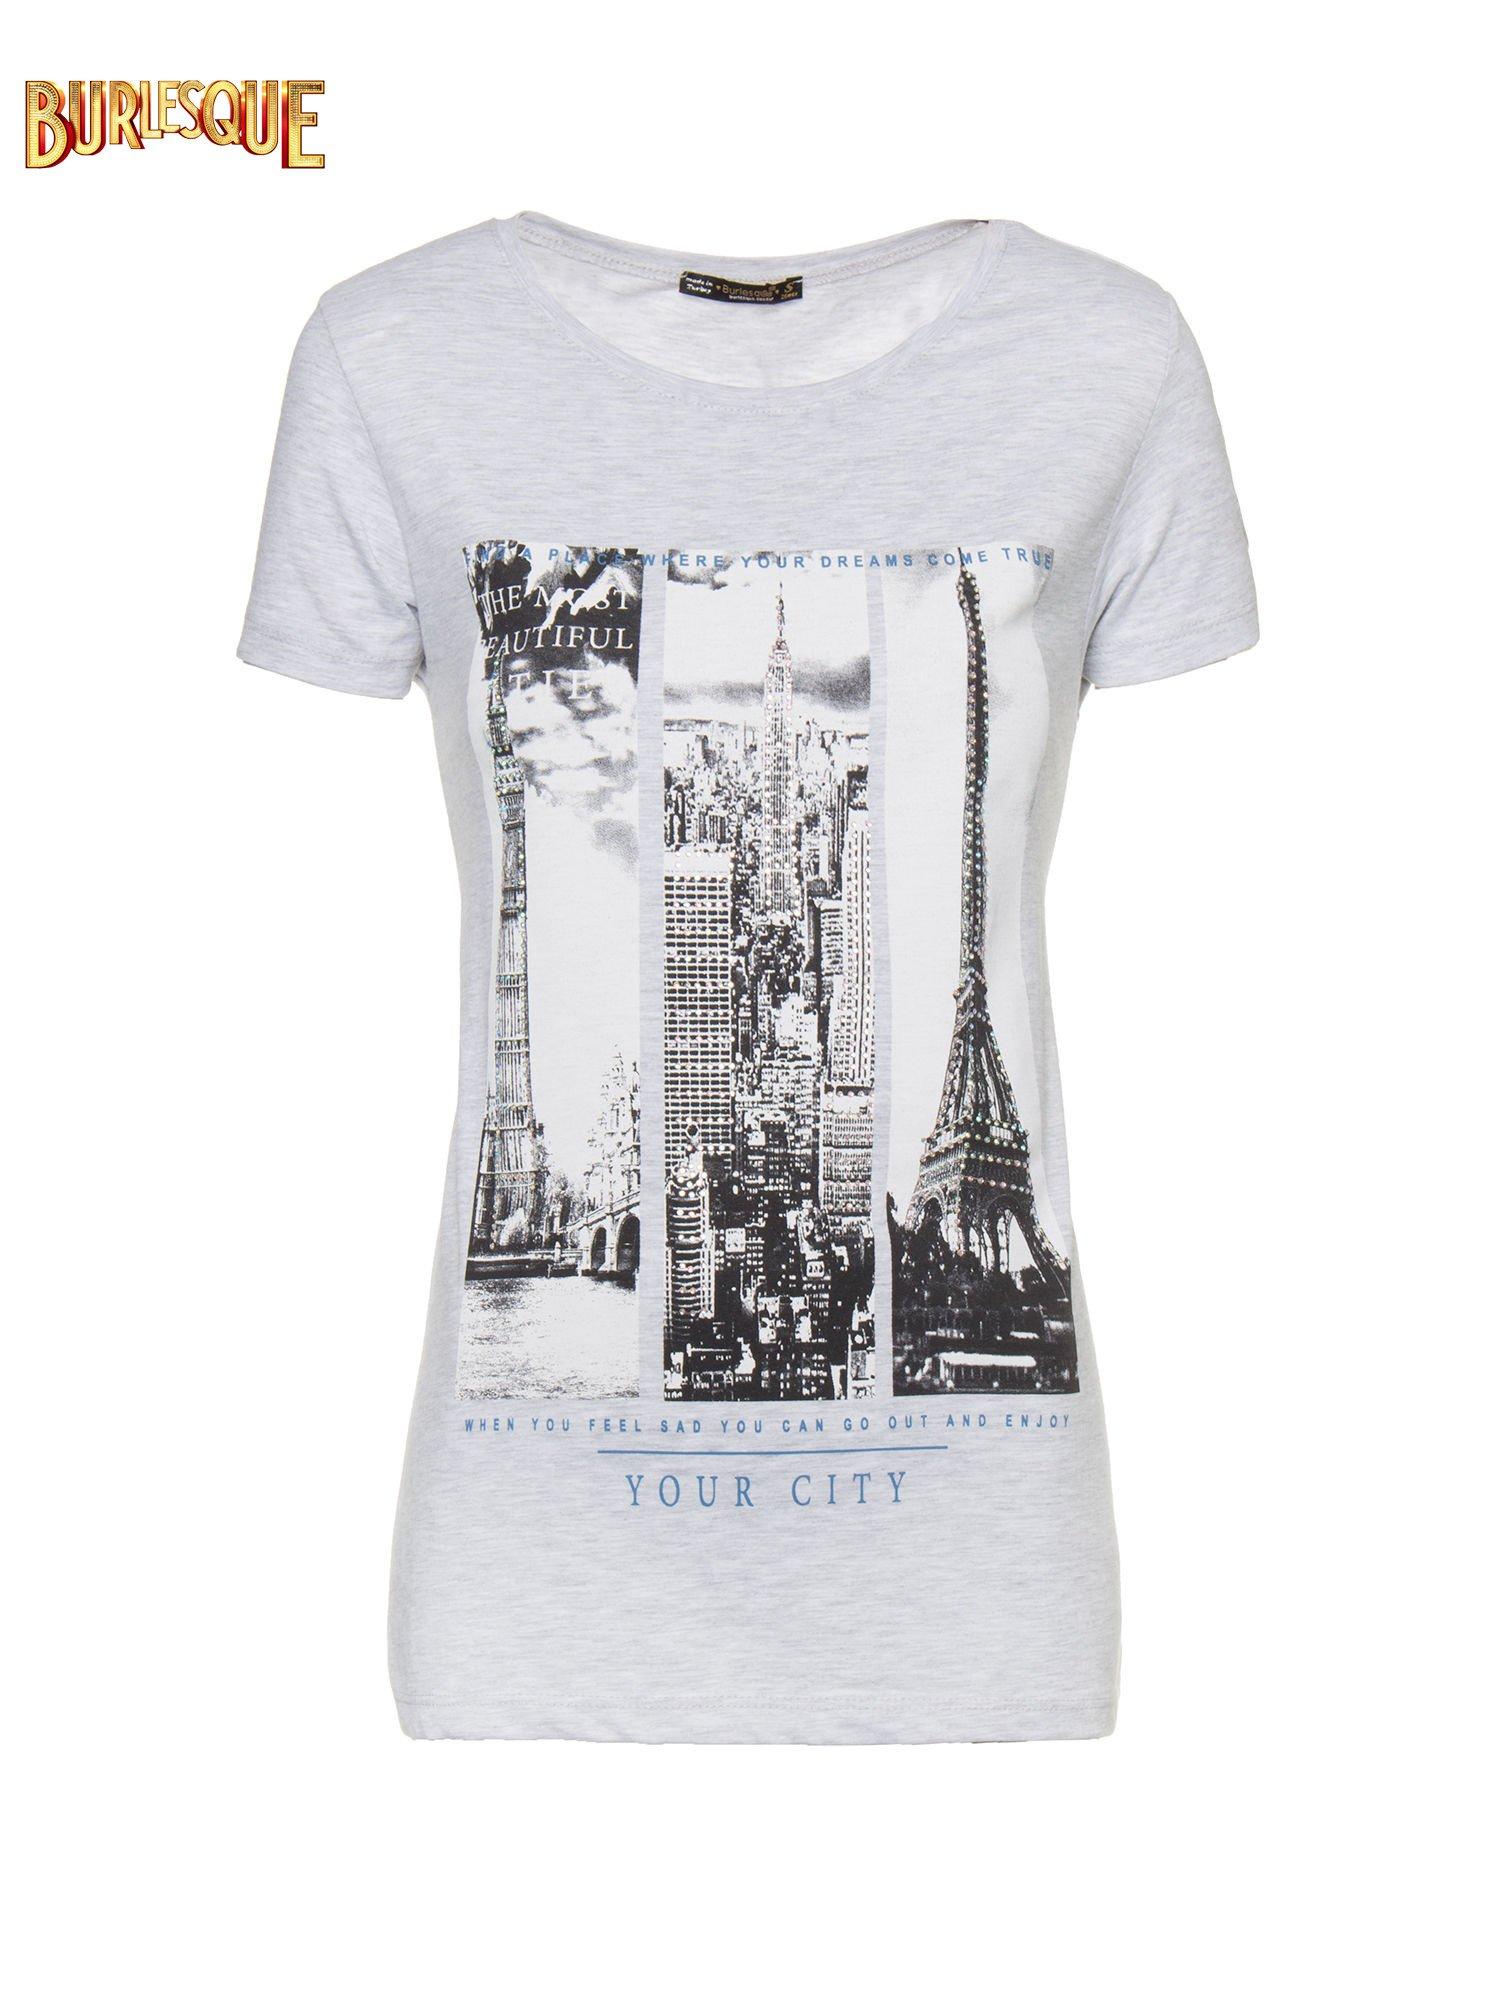 Jasnoszary t-shirt z fotografiami miast                                  zdj.                                  1